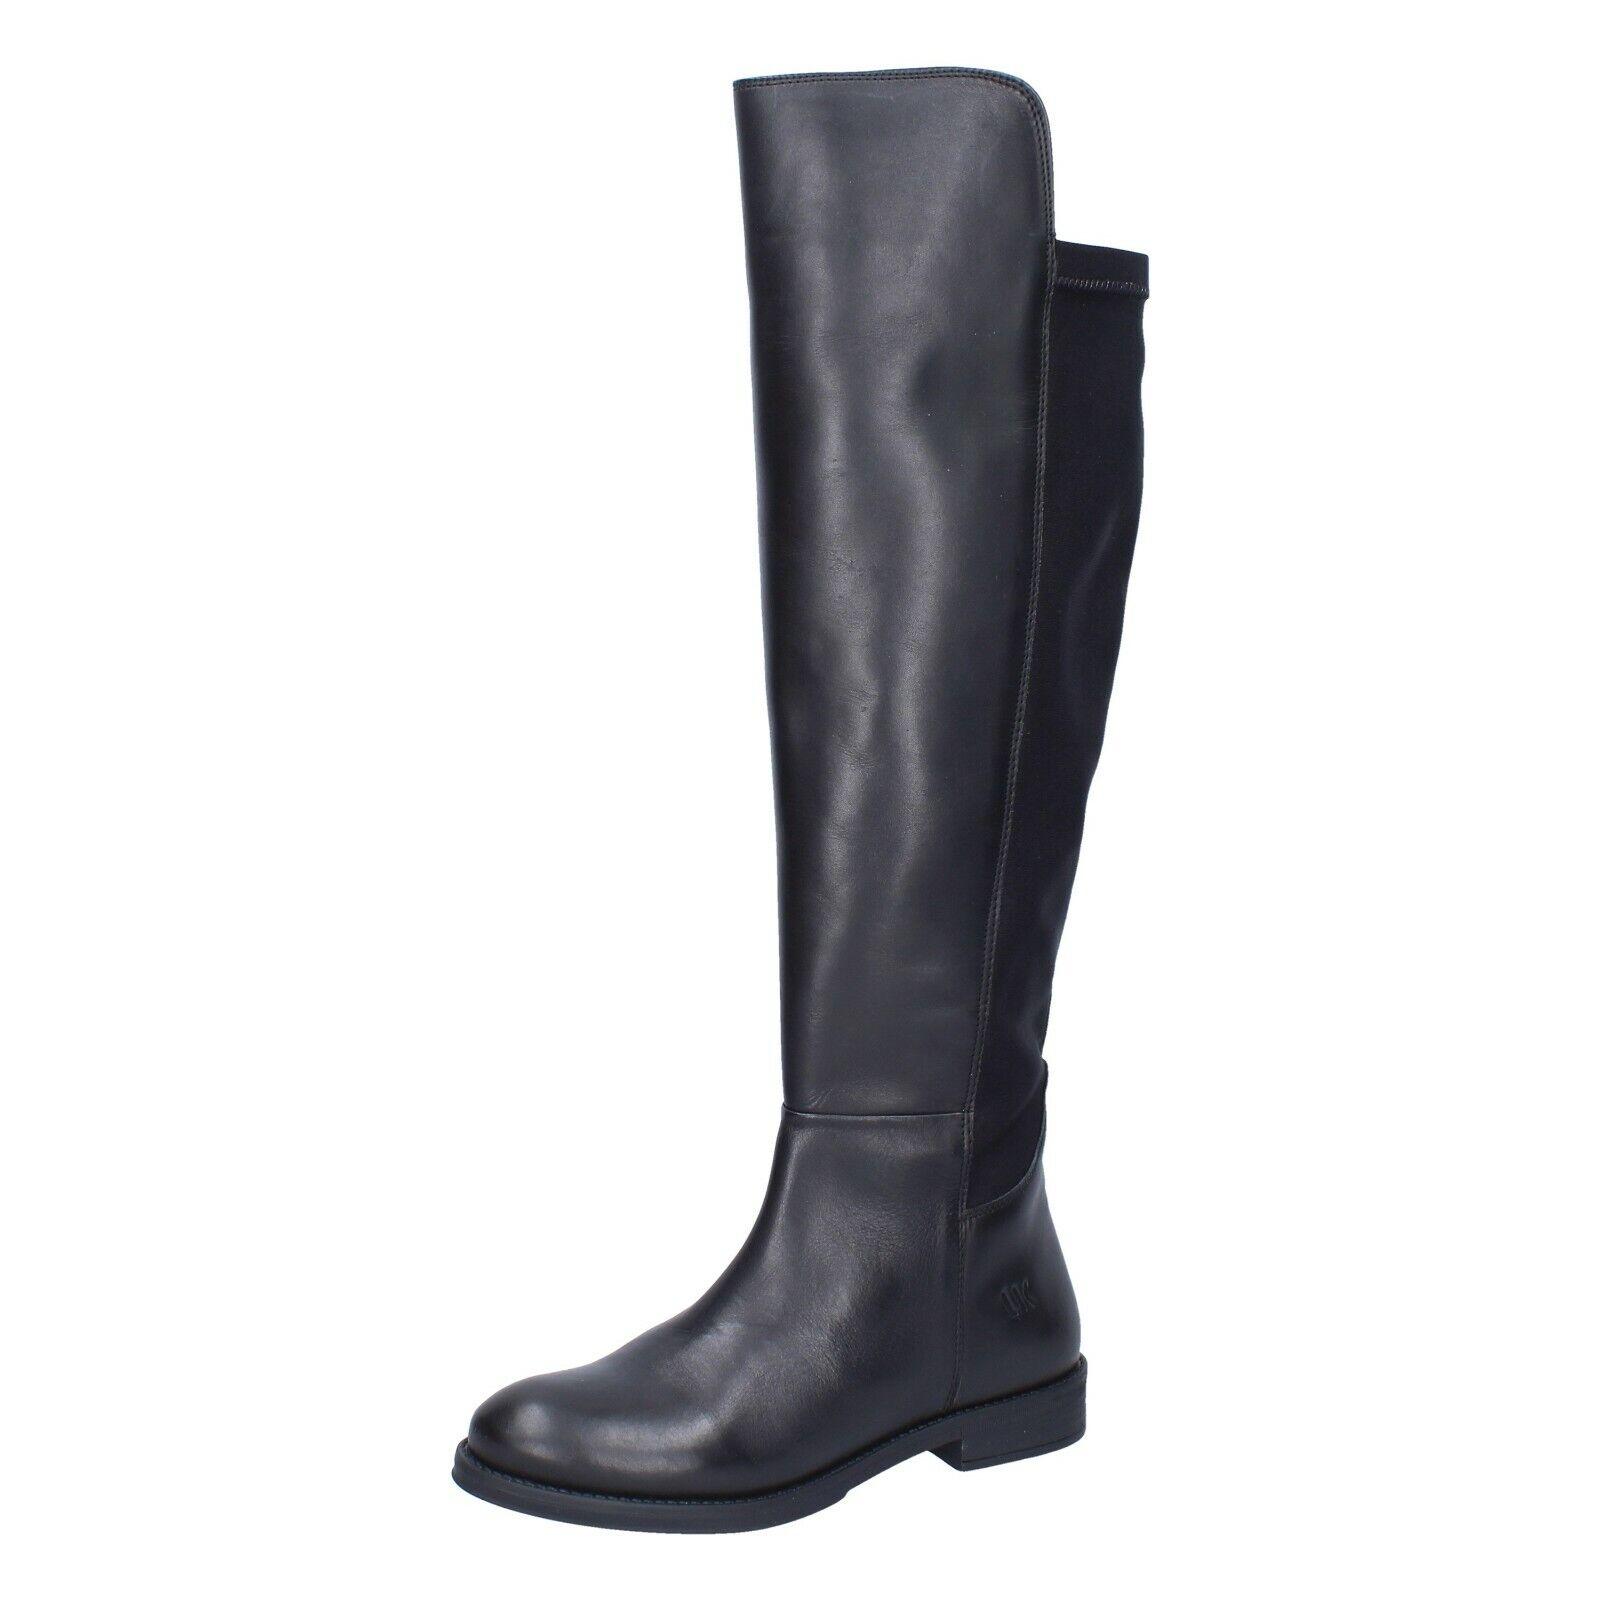 Zapatos señora Lumberjack 36 UE botas negro de cuero textil br274-36